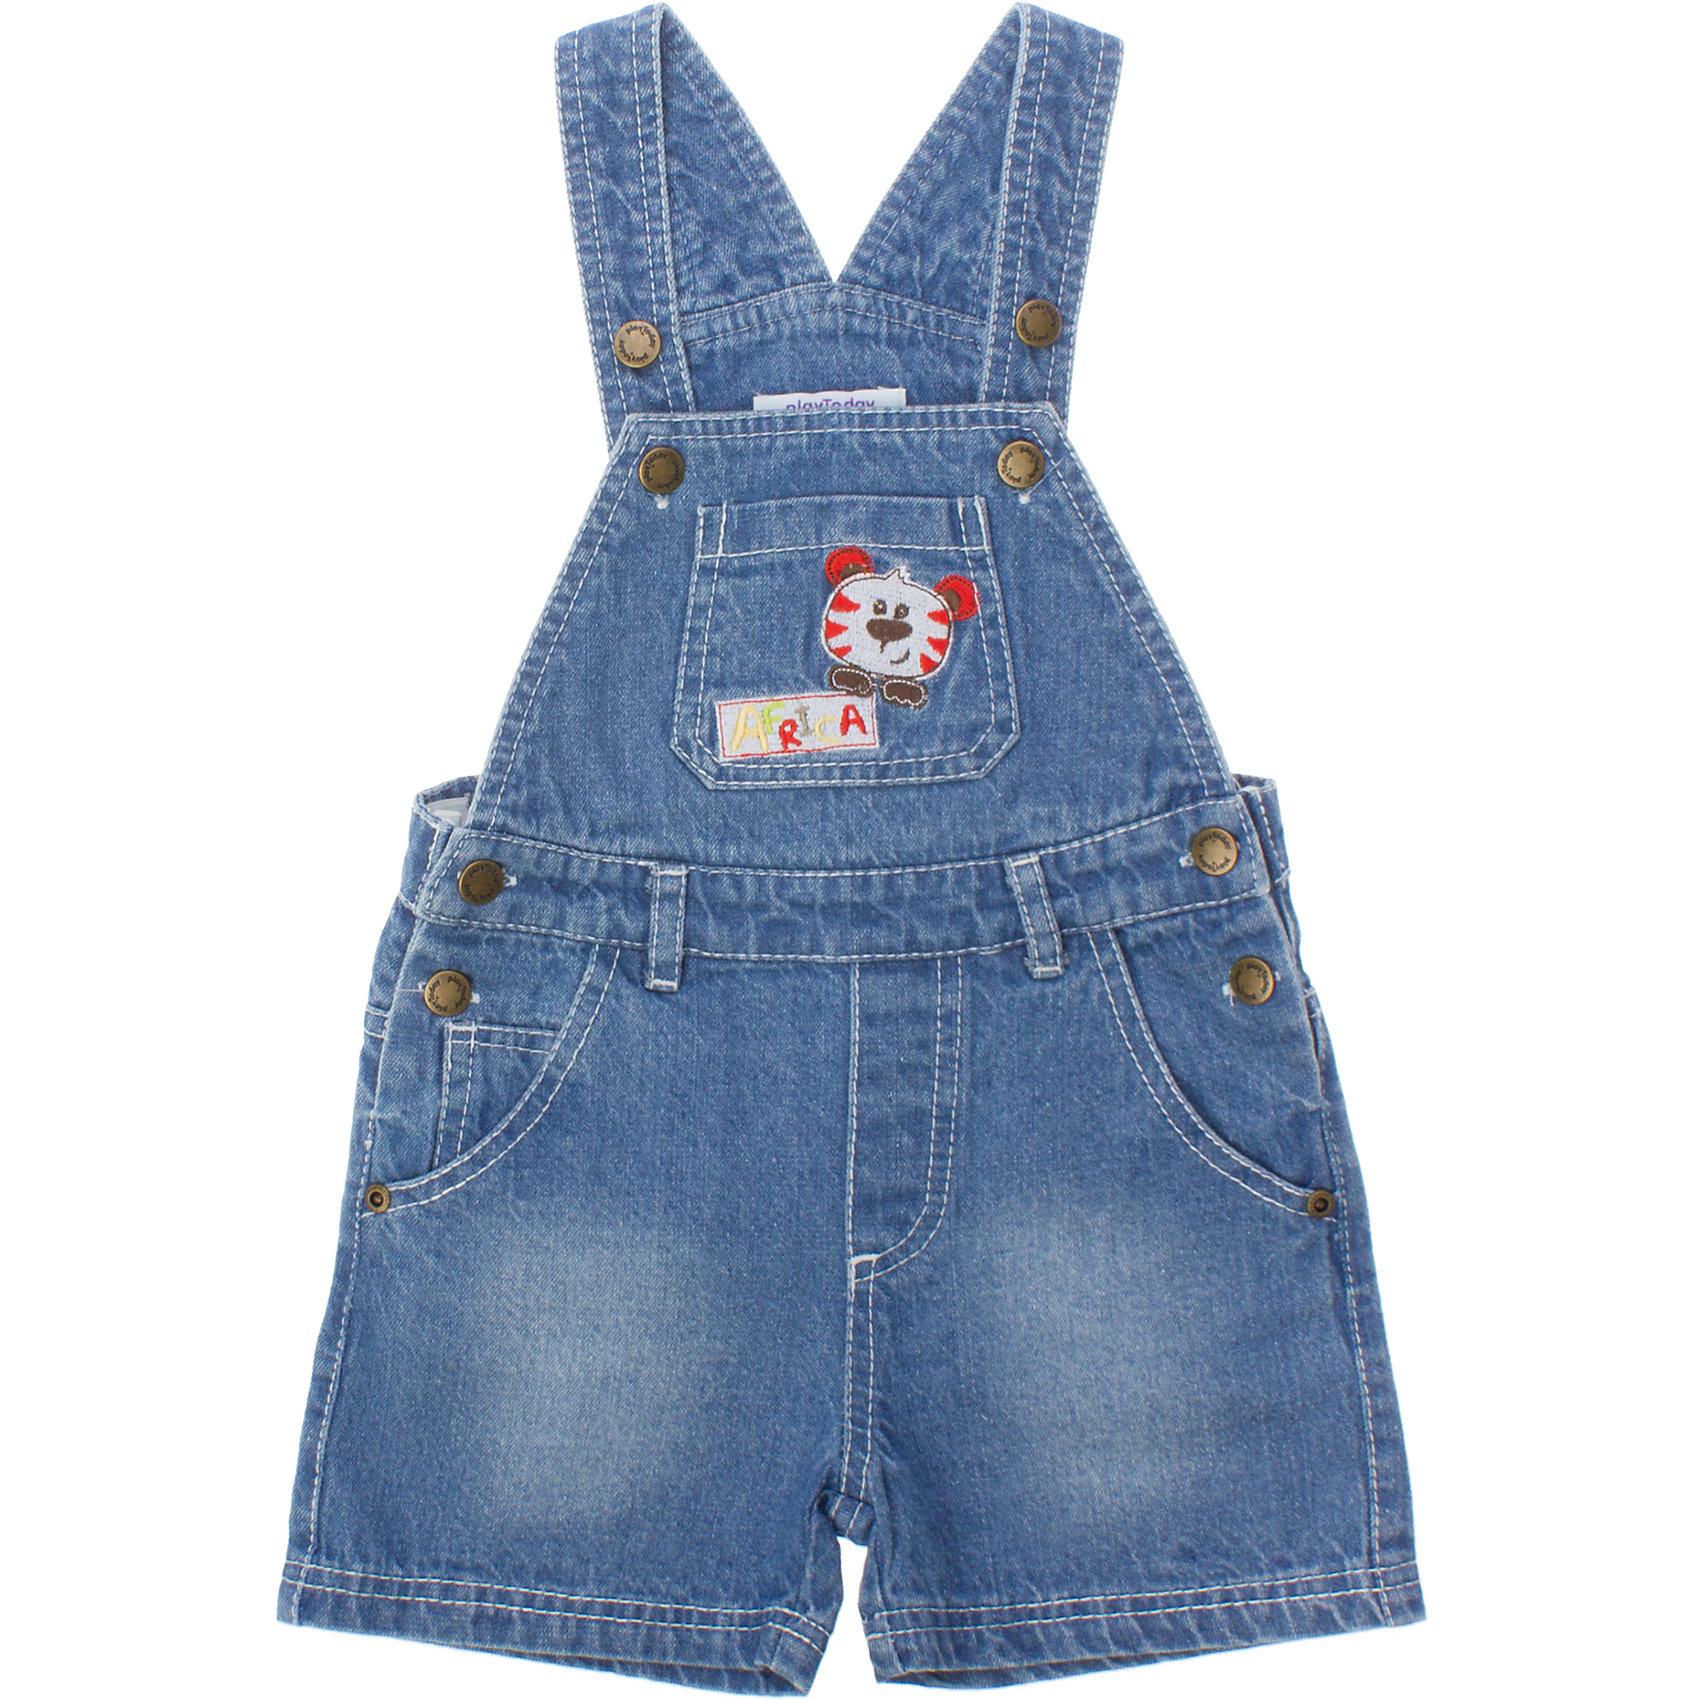 Комбинезон джинсовый для мальчика PlayTodayДжинсовая одежда<br>Комбинезон для мальчика PlayToday <br><br>Состав: 100% хлопок <br><br>Застежки - металлические болты<br>Есть кармашки, 2 сбоку и 1 на груди<br>На кармане вышивка с тигренком<br><br>Ширина мм: 157<br>Глубина мм: 13<br>Высота мм: 119<br>Вес г: 200<br>Цвет: разноцветный<br>Возраст от месяцев: 9<br>Возраст до месяцев: 12<br>Пол: Мужской<br>Возраст: Детский<br>Размер: 92,86,80,74<br>SKU: 4502887